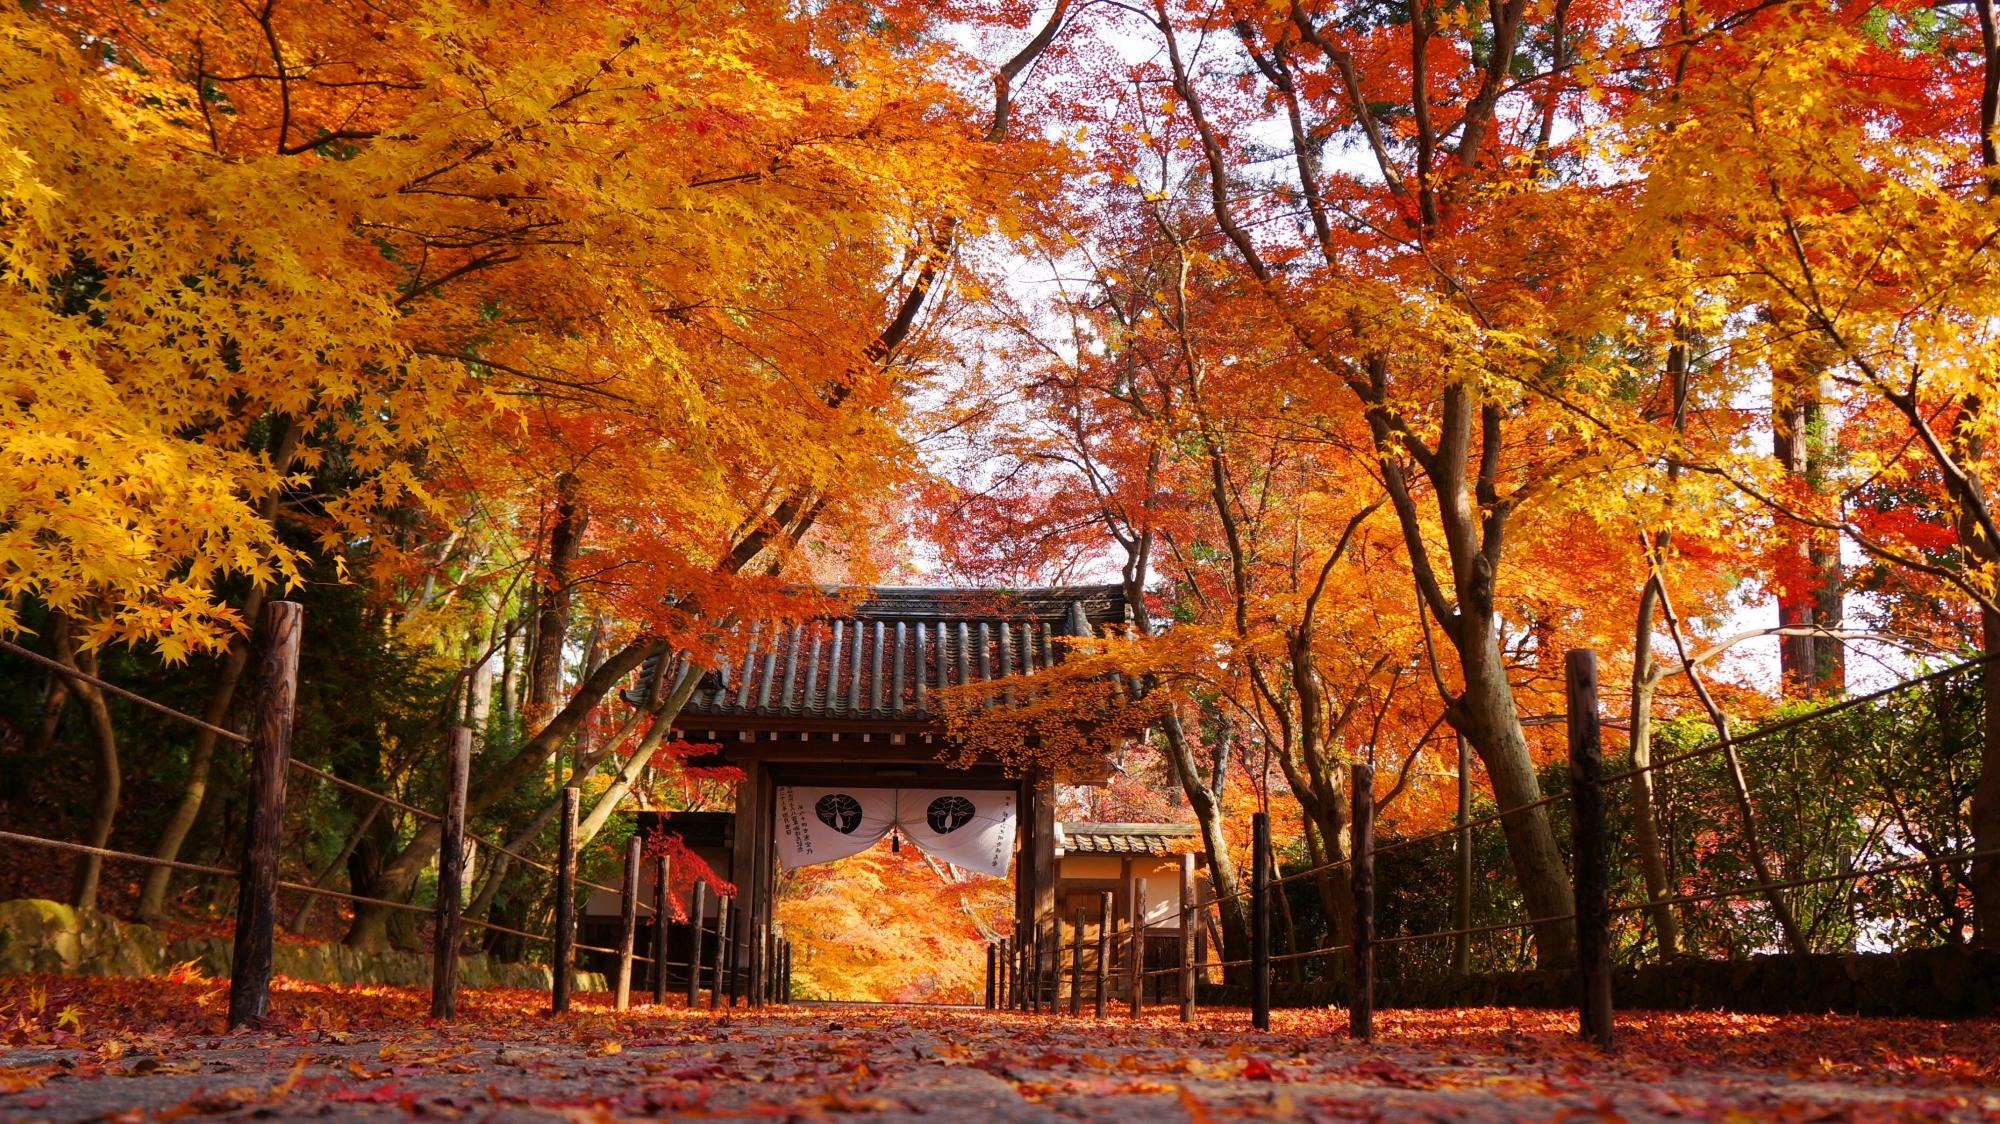 薬医門を彩る秋色の散り紅葉